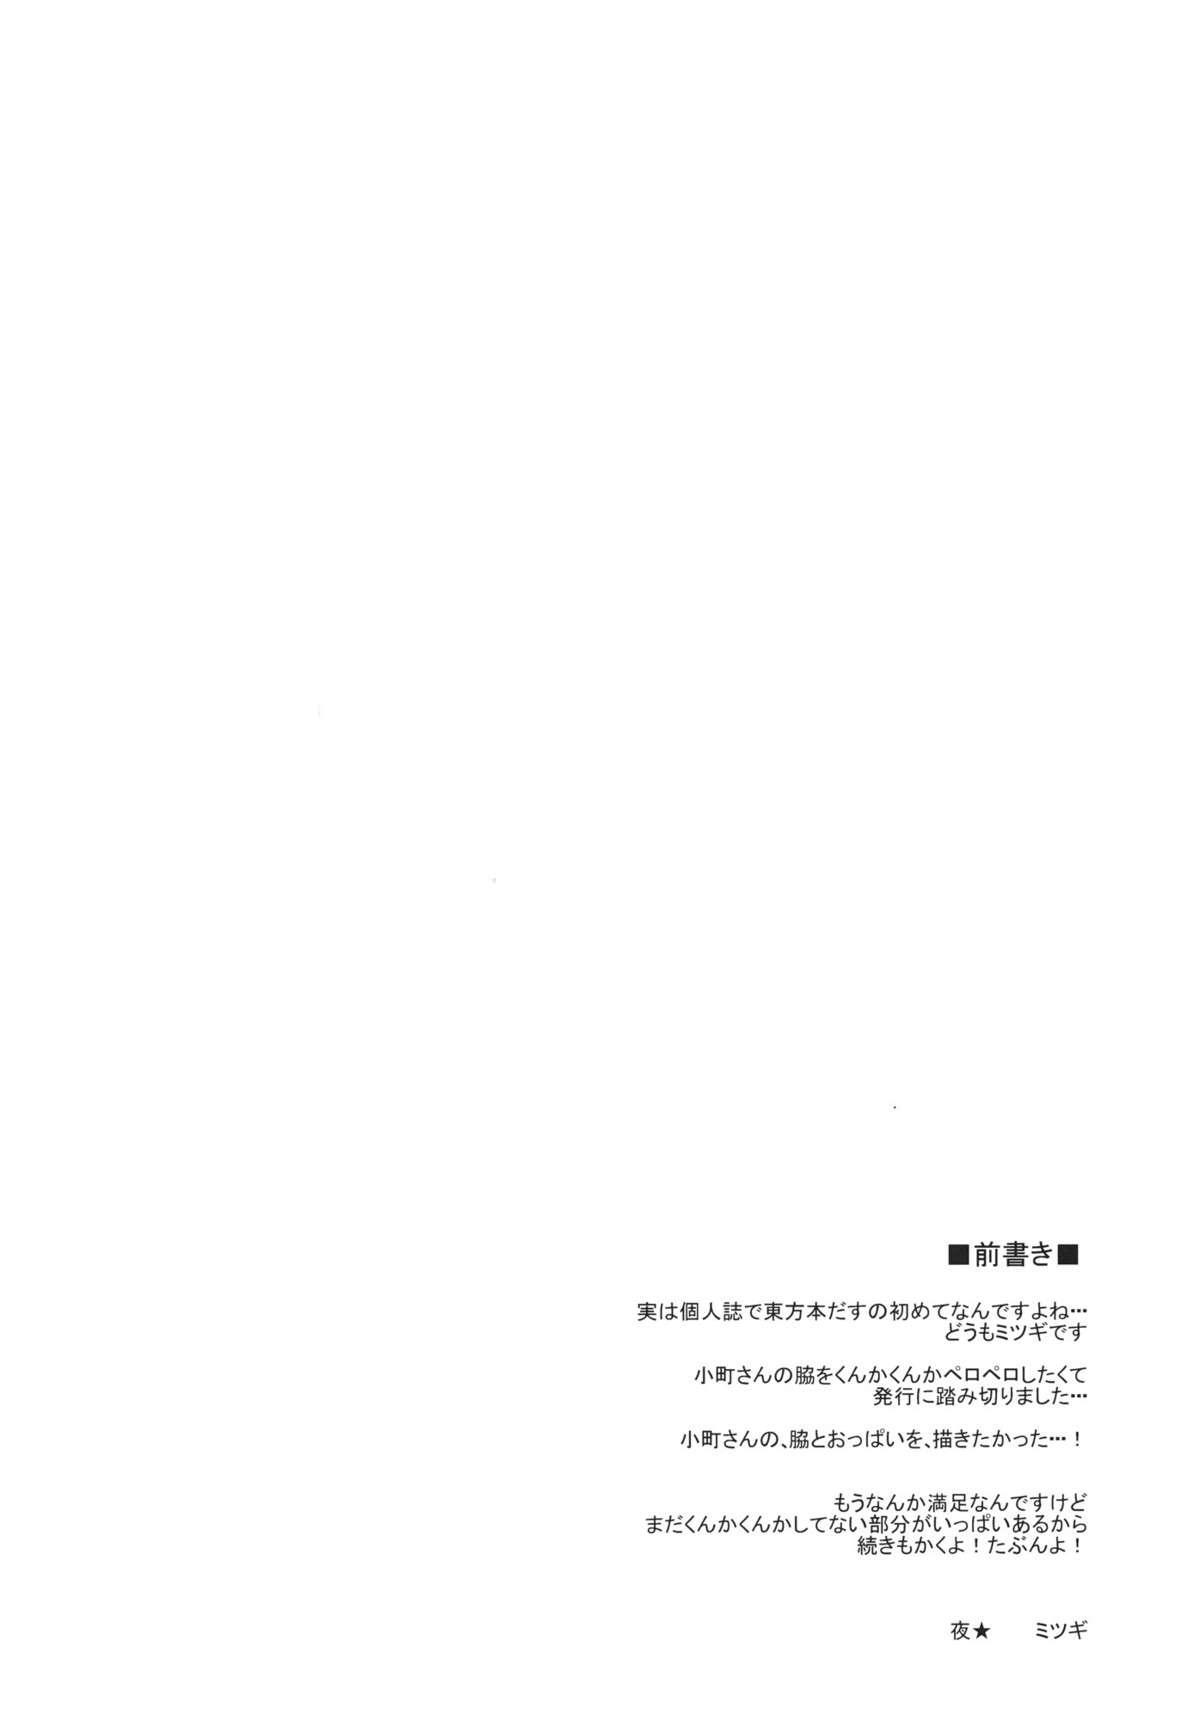 Komachi-san no Hazukashii Tokoro wo Peropero Kunkakunka Suru Hanashi 2